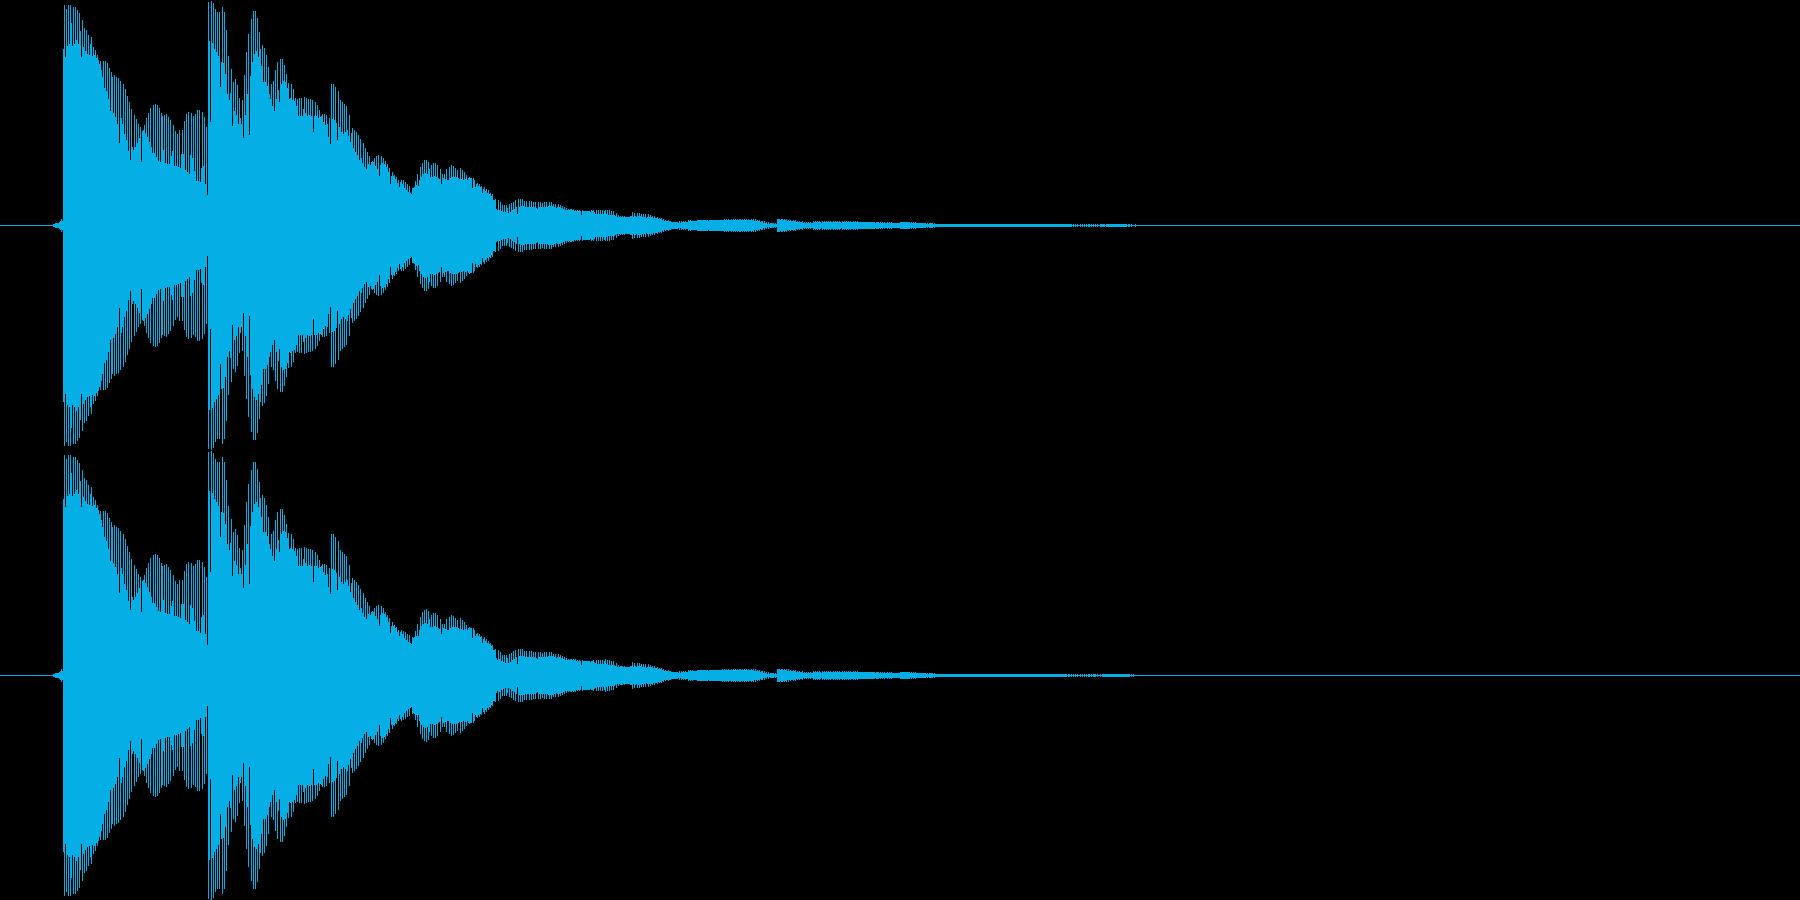 ピコン(矢印、目的地、単発、注目)の再生済みの波形